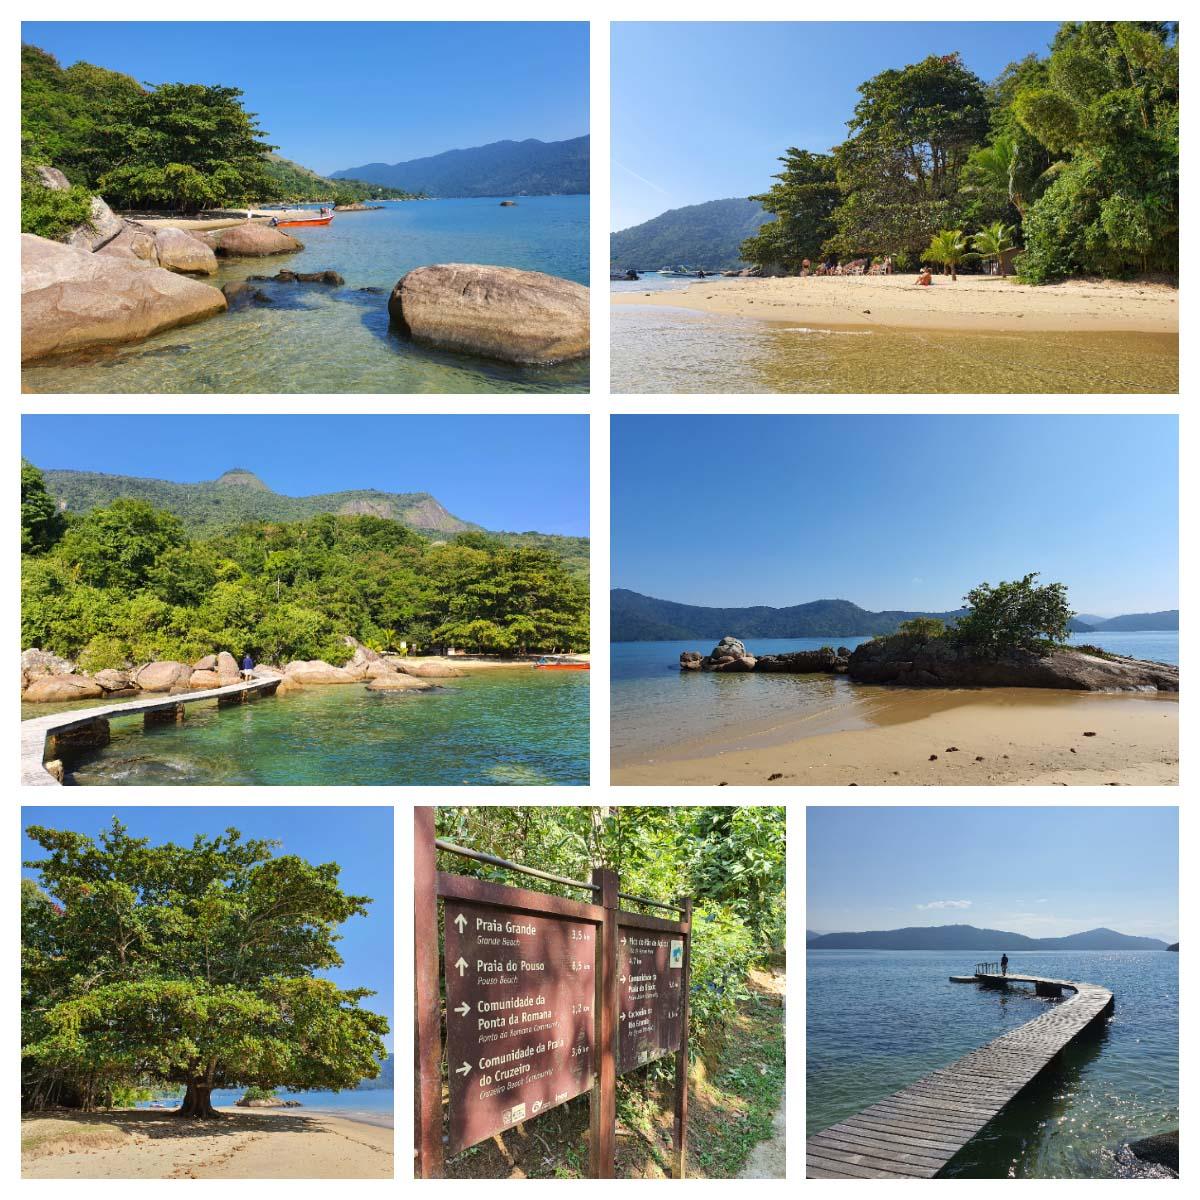 Saco do Mamanguá, Paraty: dicas de passeio de barco